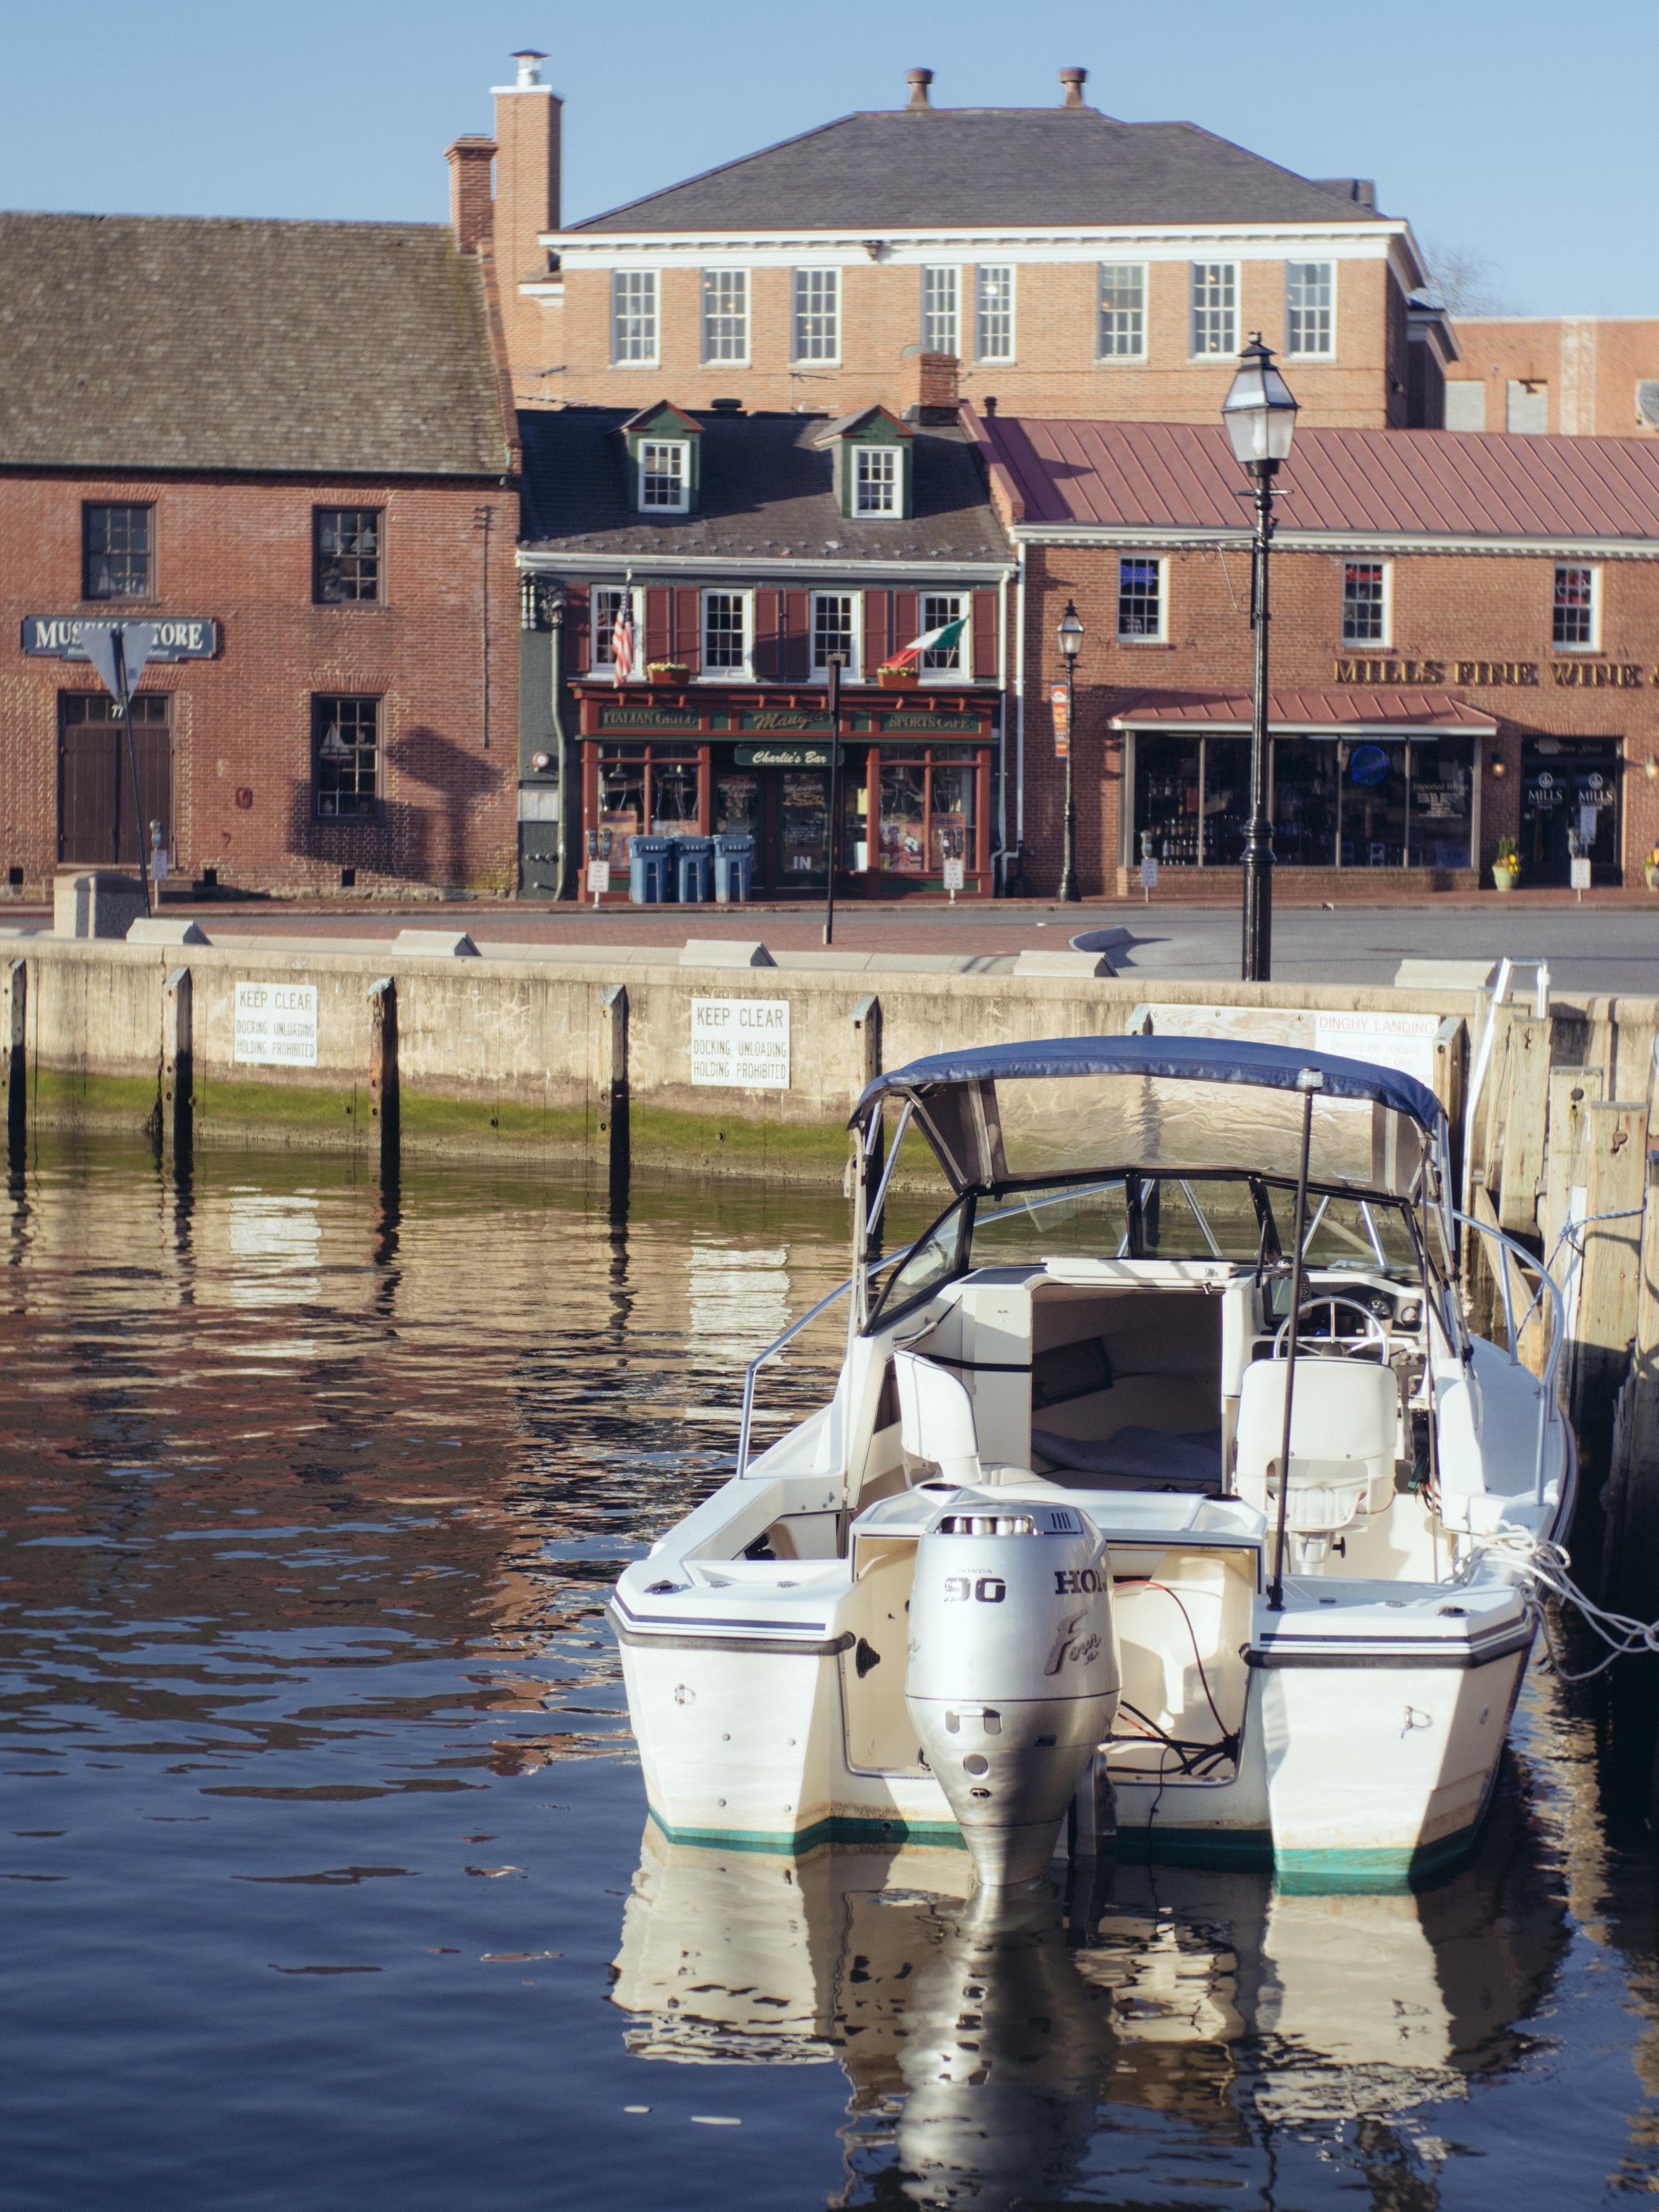 Water parking - Olympus OM-D, Voigtlander Nokton 35mm - ISO 250, f/4.0, 1/2500sec